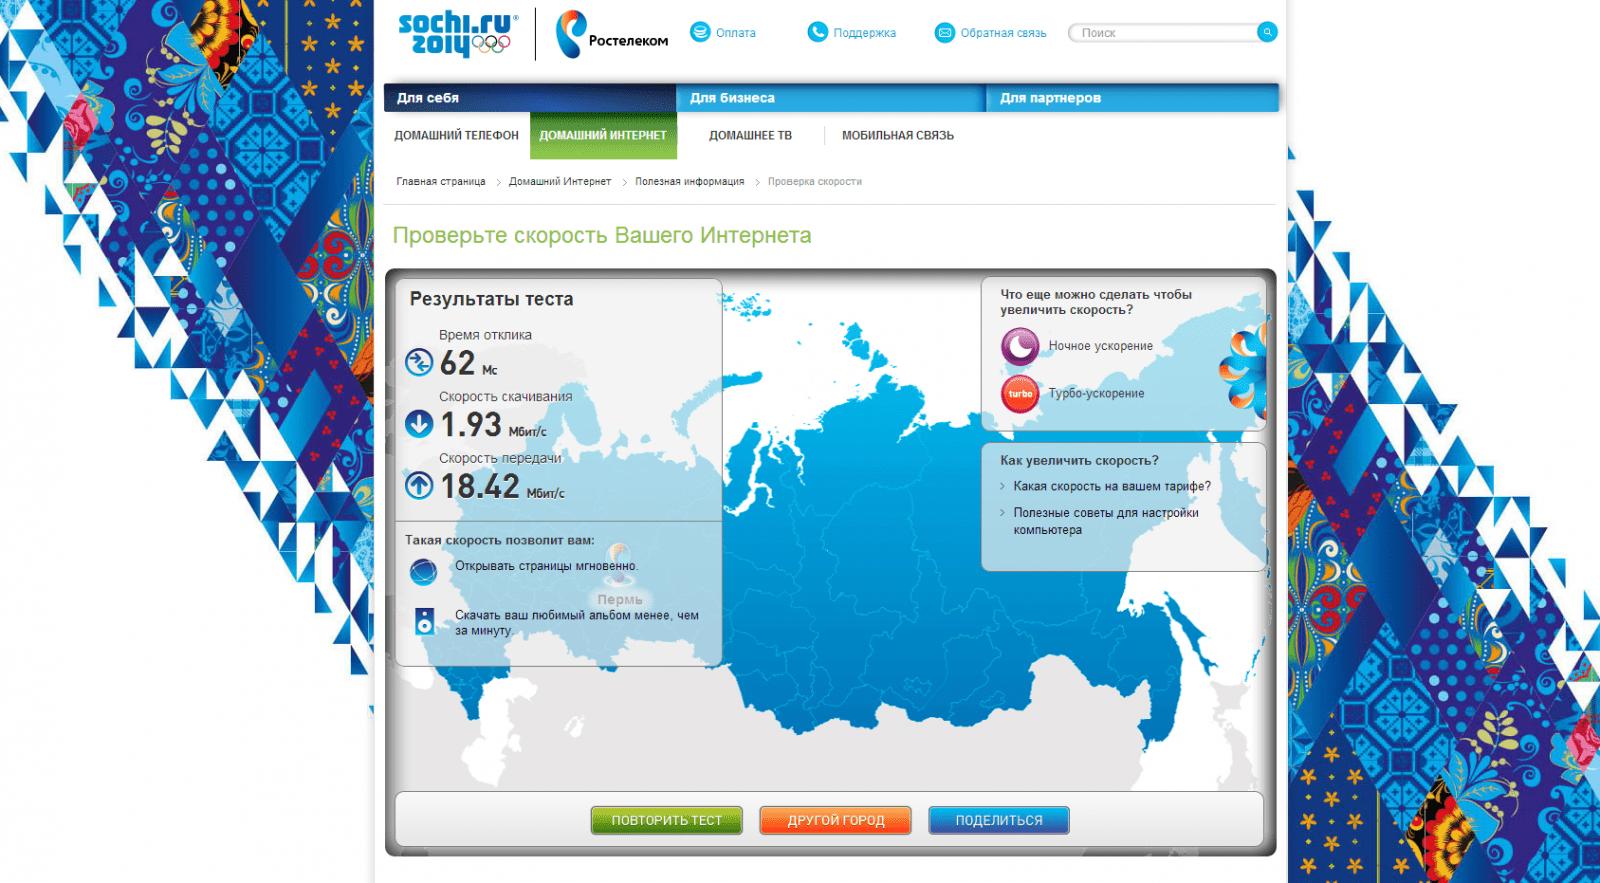 Сервис для тестирования скорости интернета на сайте Ростелеком